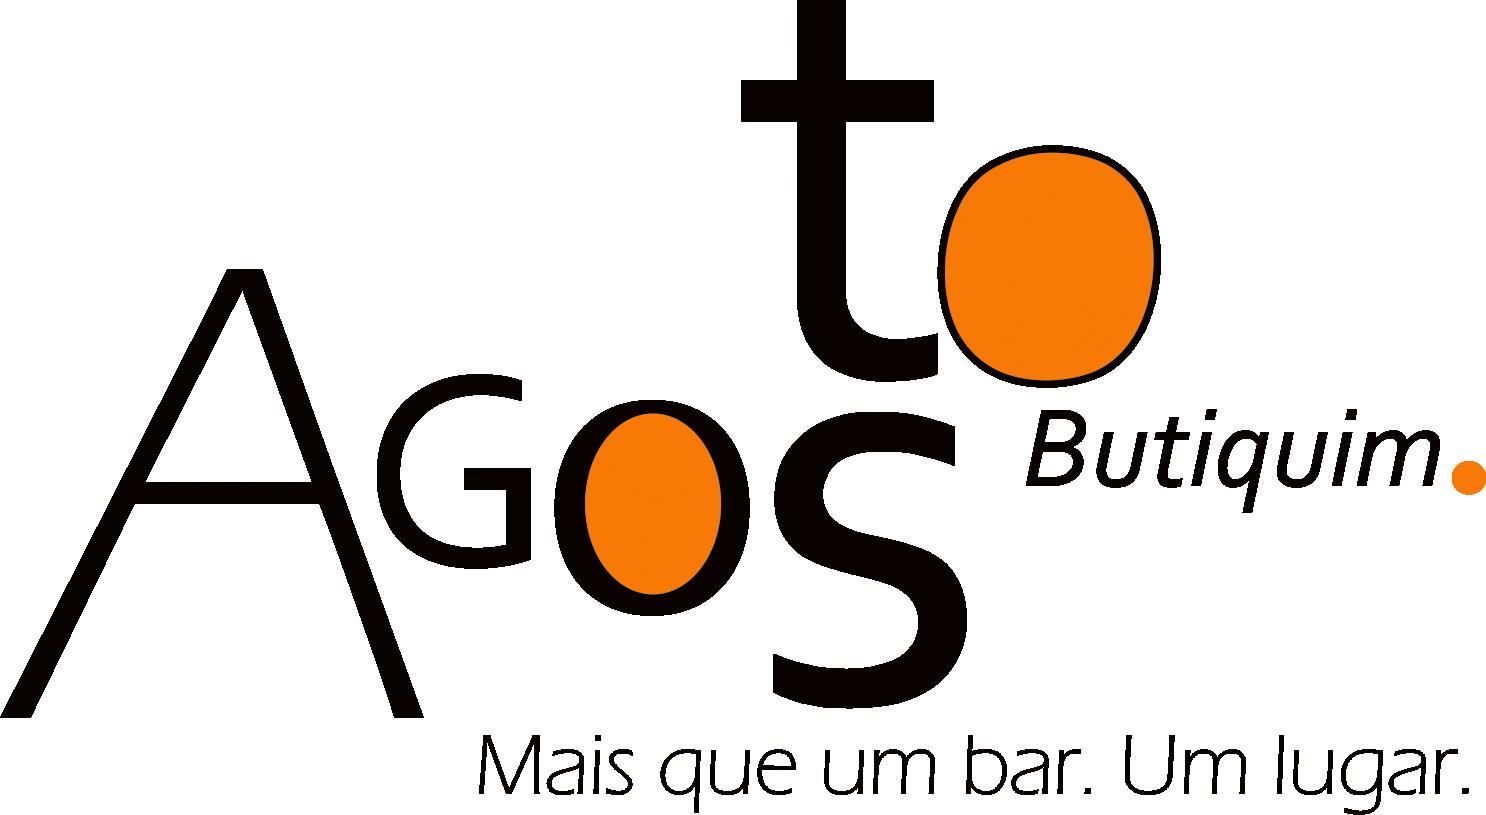 (c) Agostobutiquim.com.br